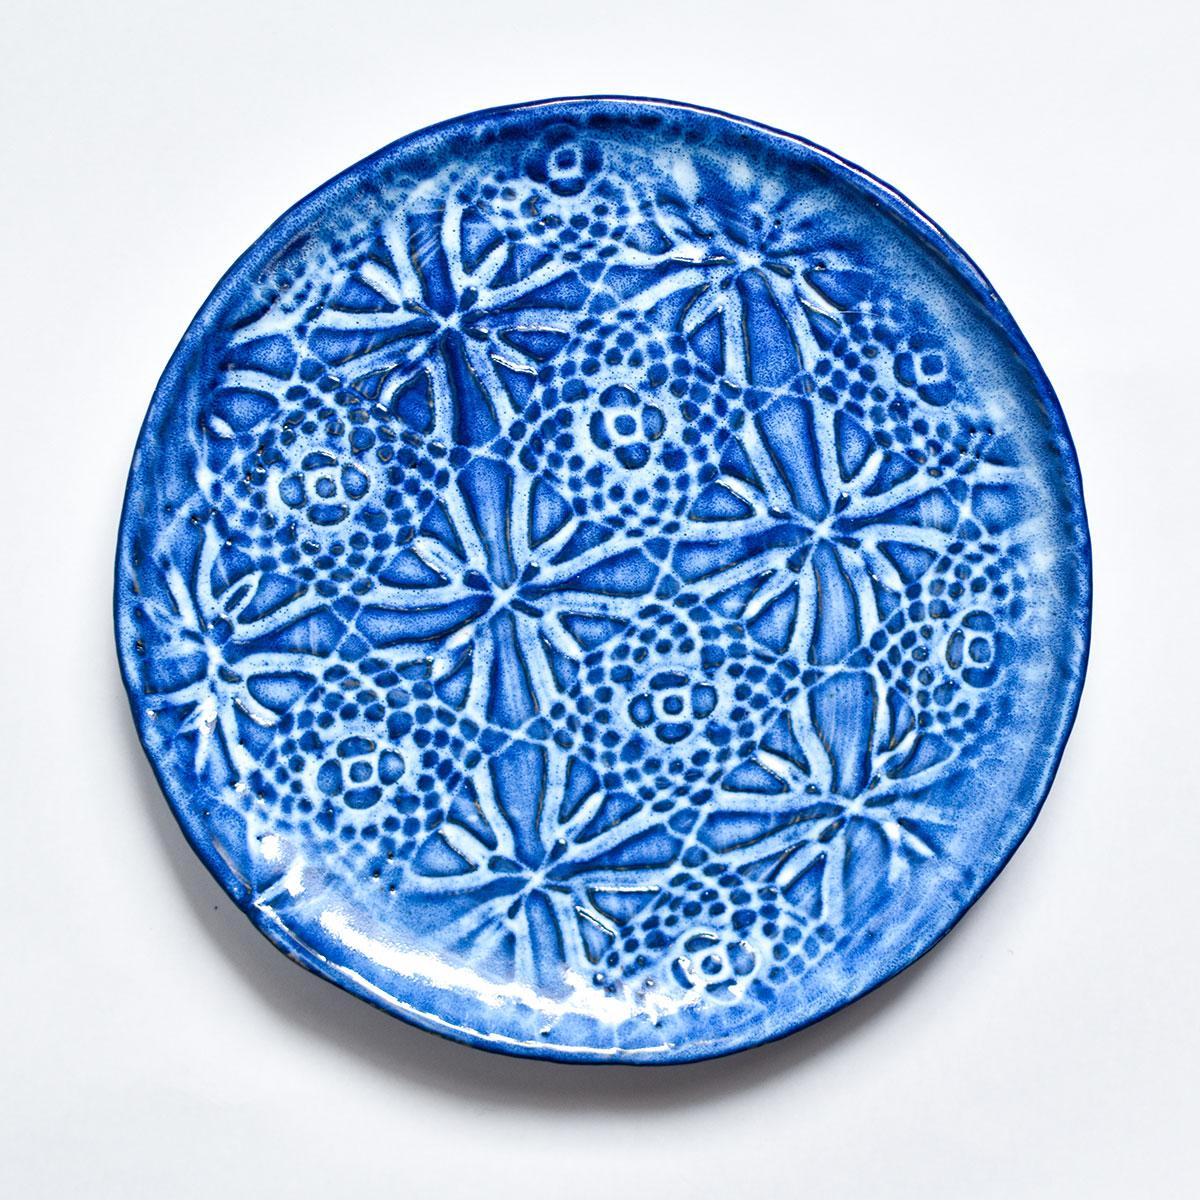 """картинка Керамическая тарелка с кружевом """"Морозные узоры"""" 3 - DishWishes.Ru"""